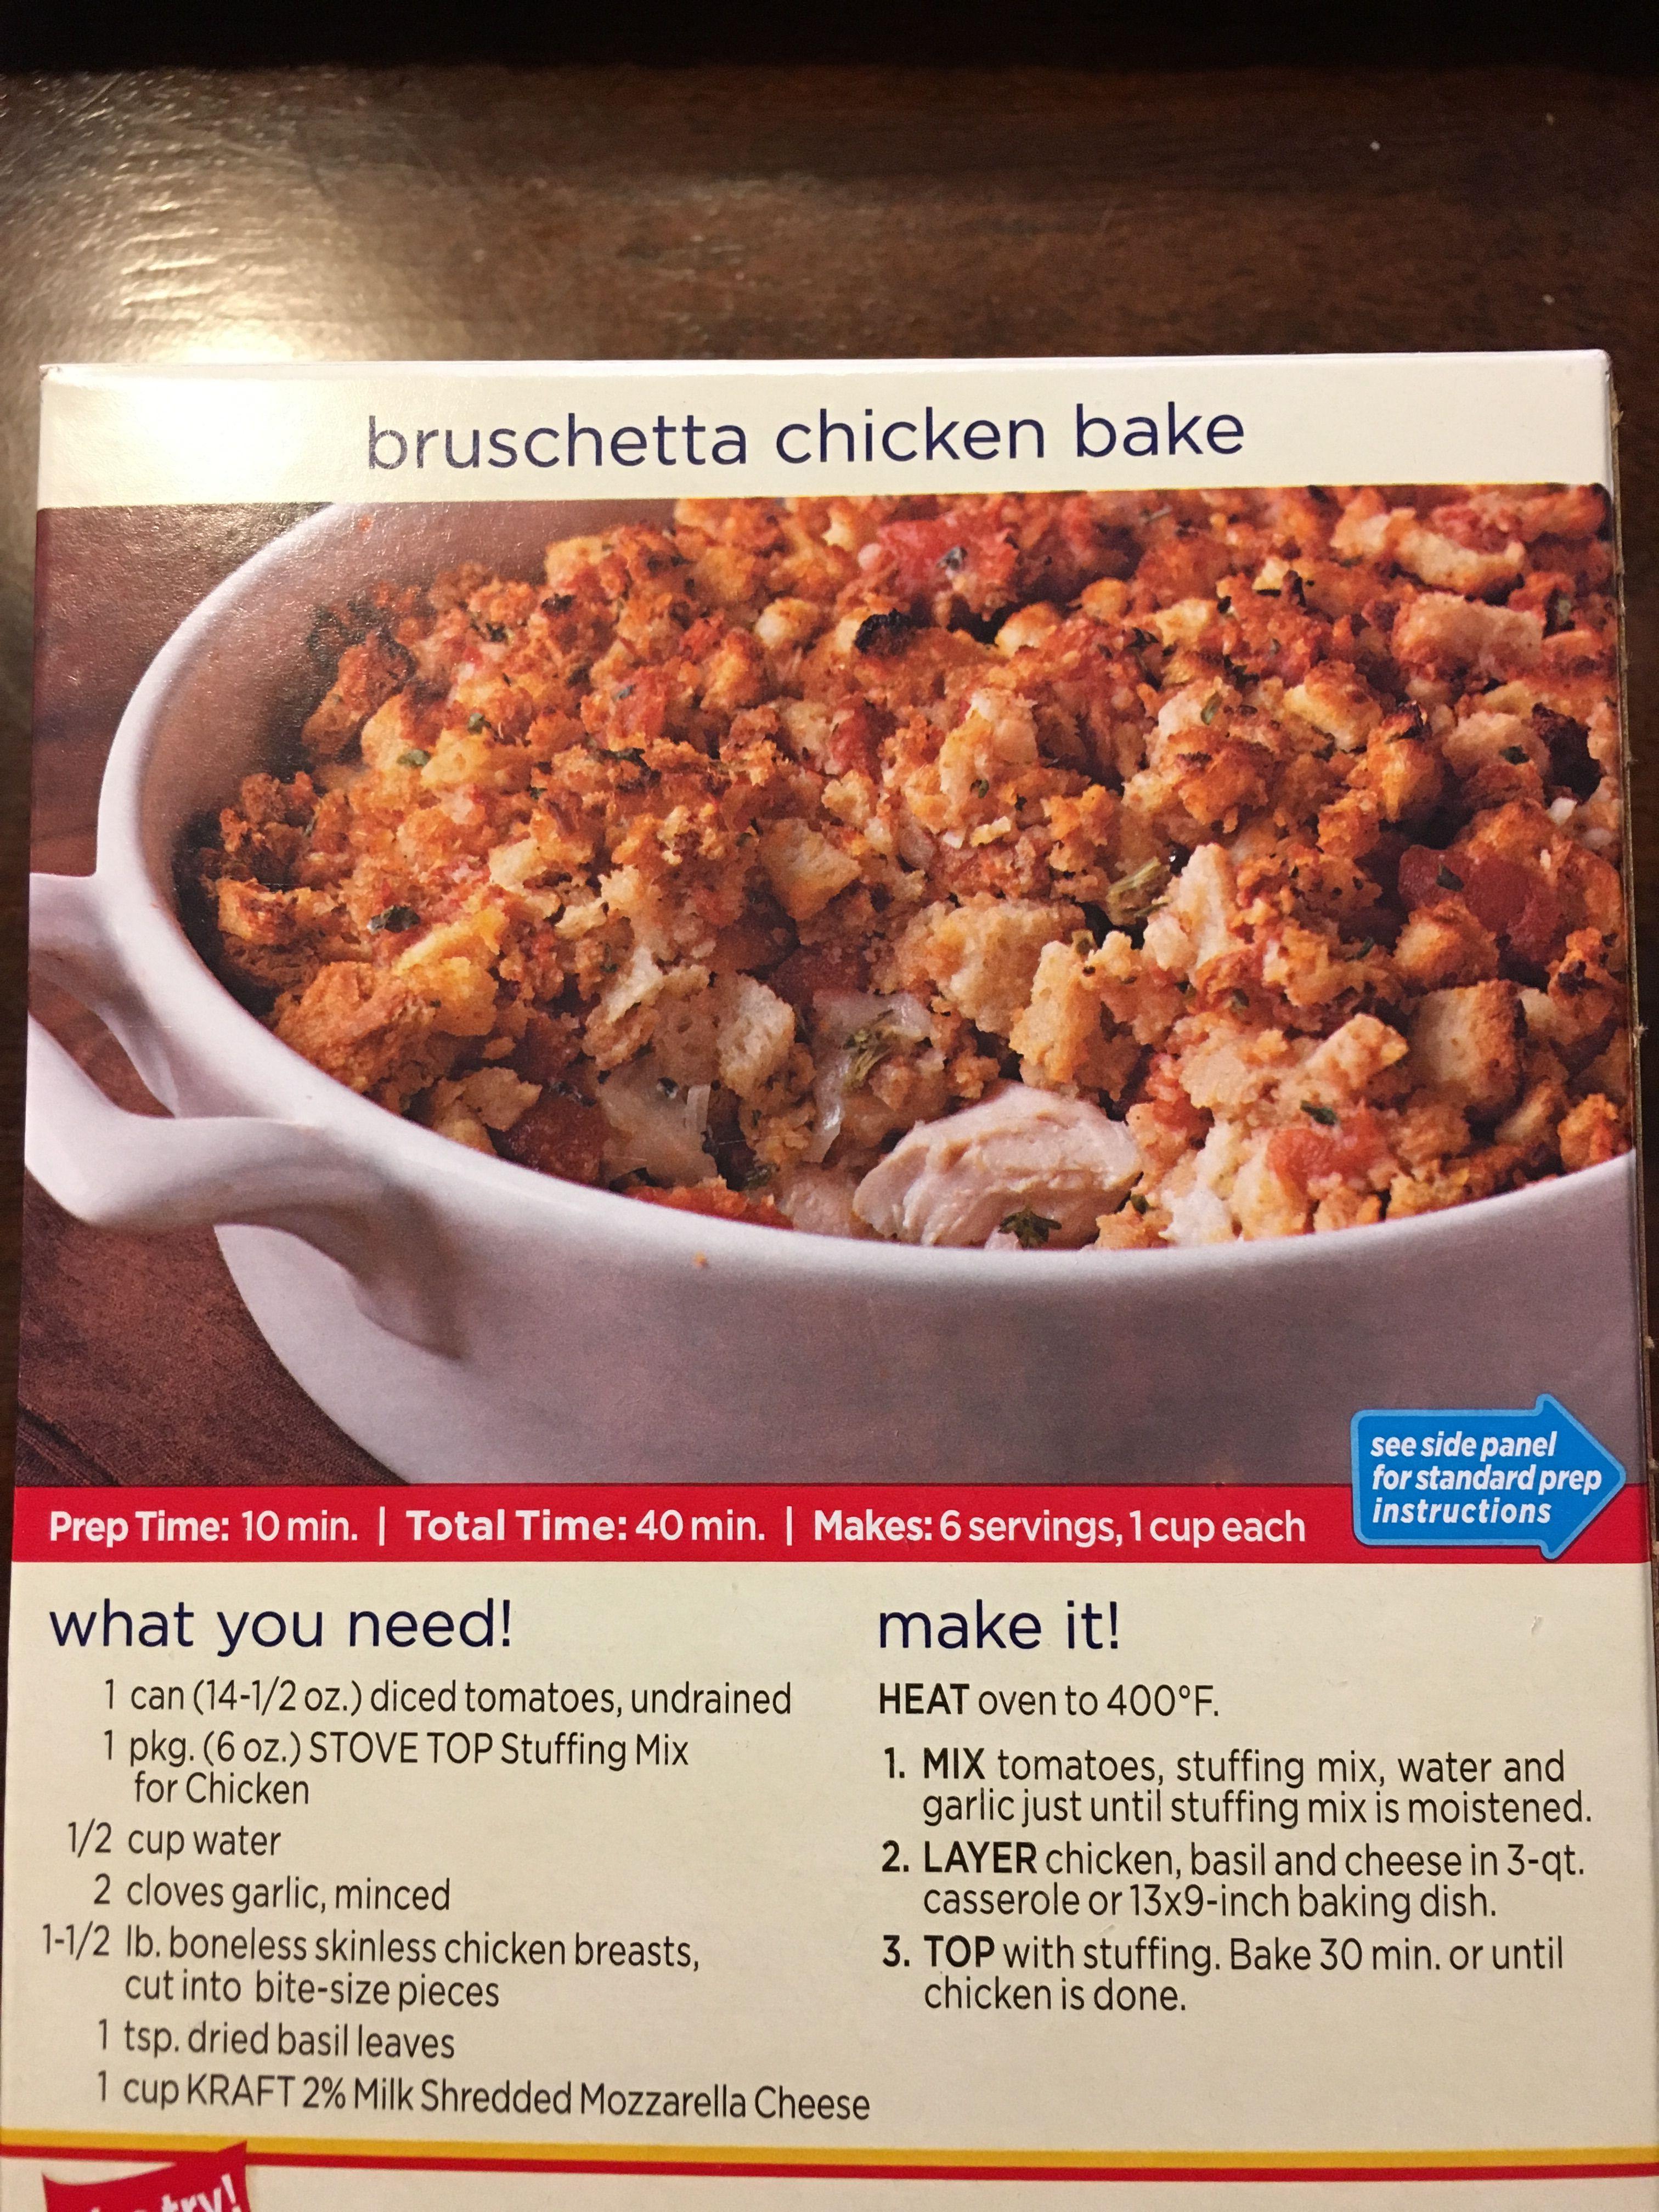 Bruschetta Chicken Bake With Stove Top Chicken Bruschetta Bake Stuffing Recipes Stovetop Stuffing Chicken